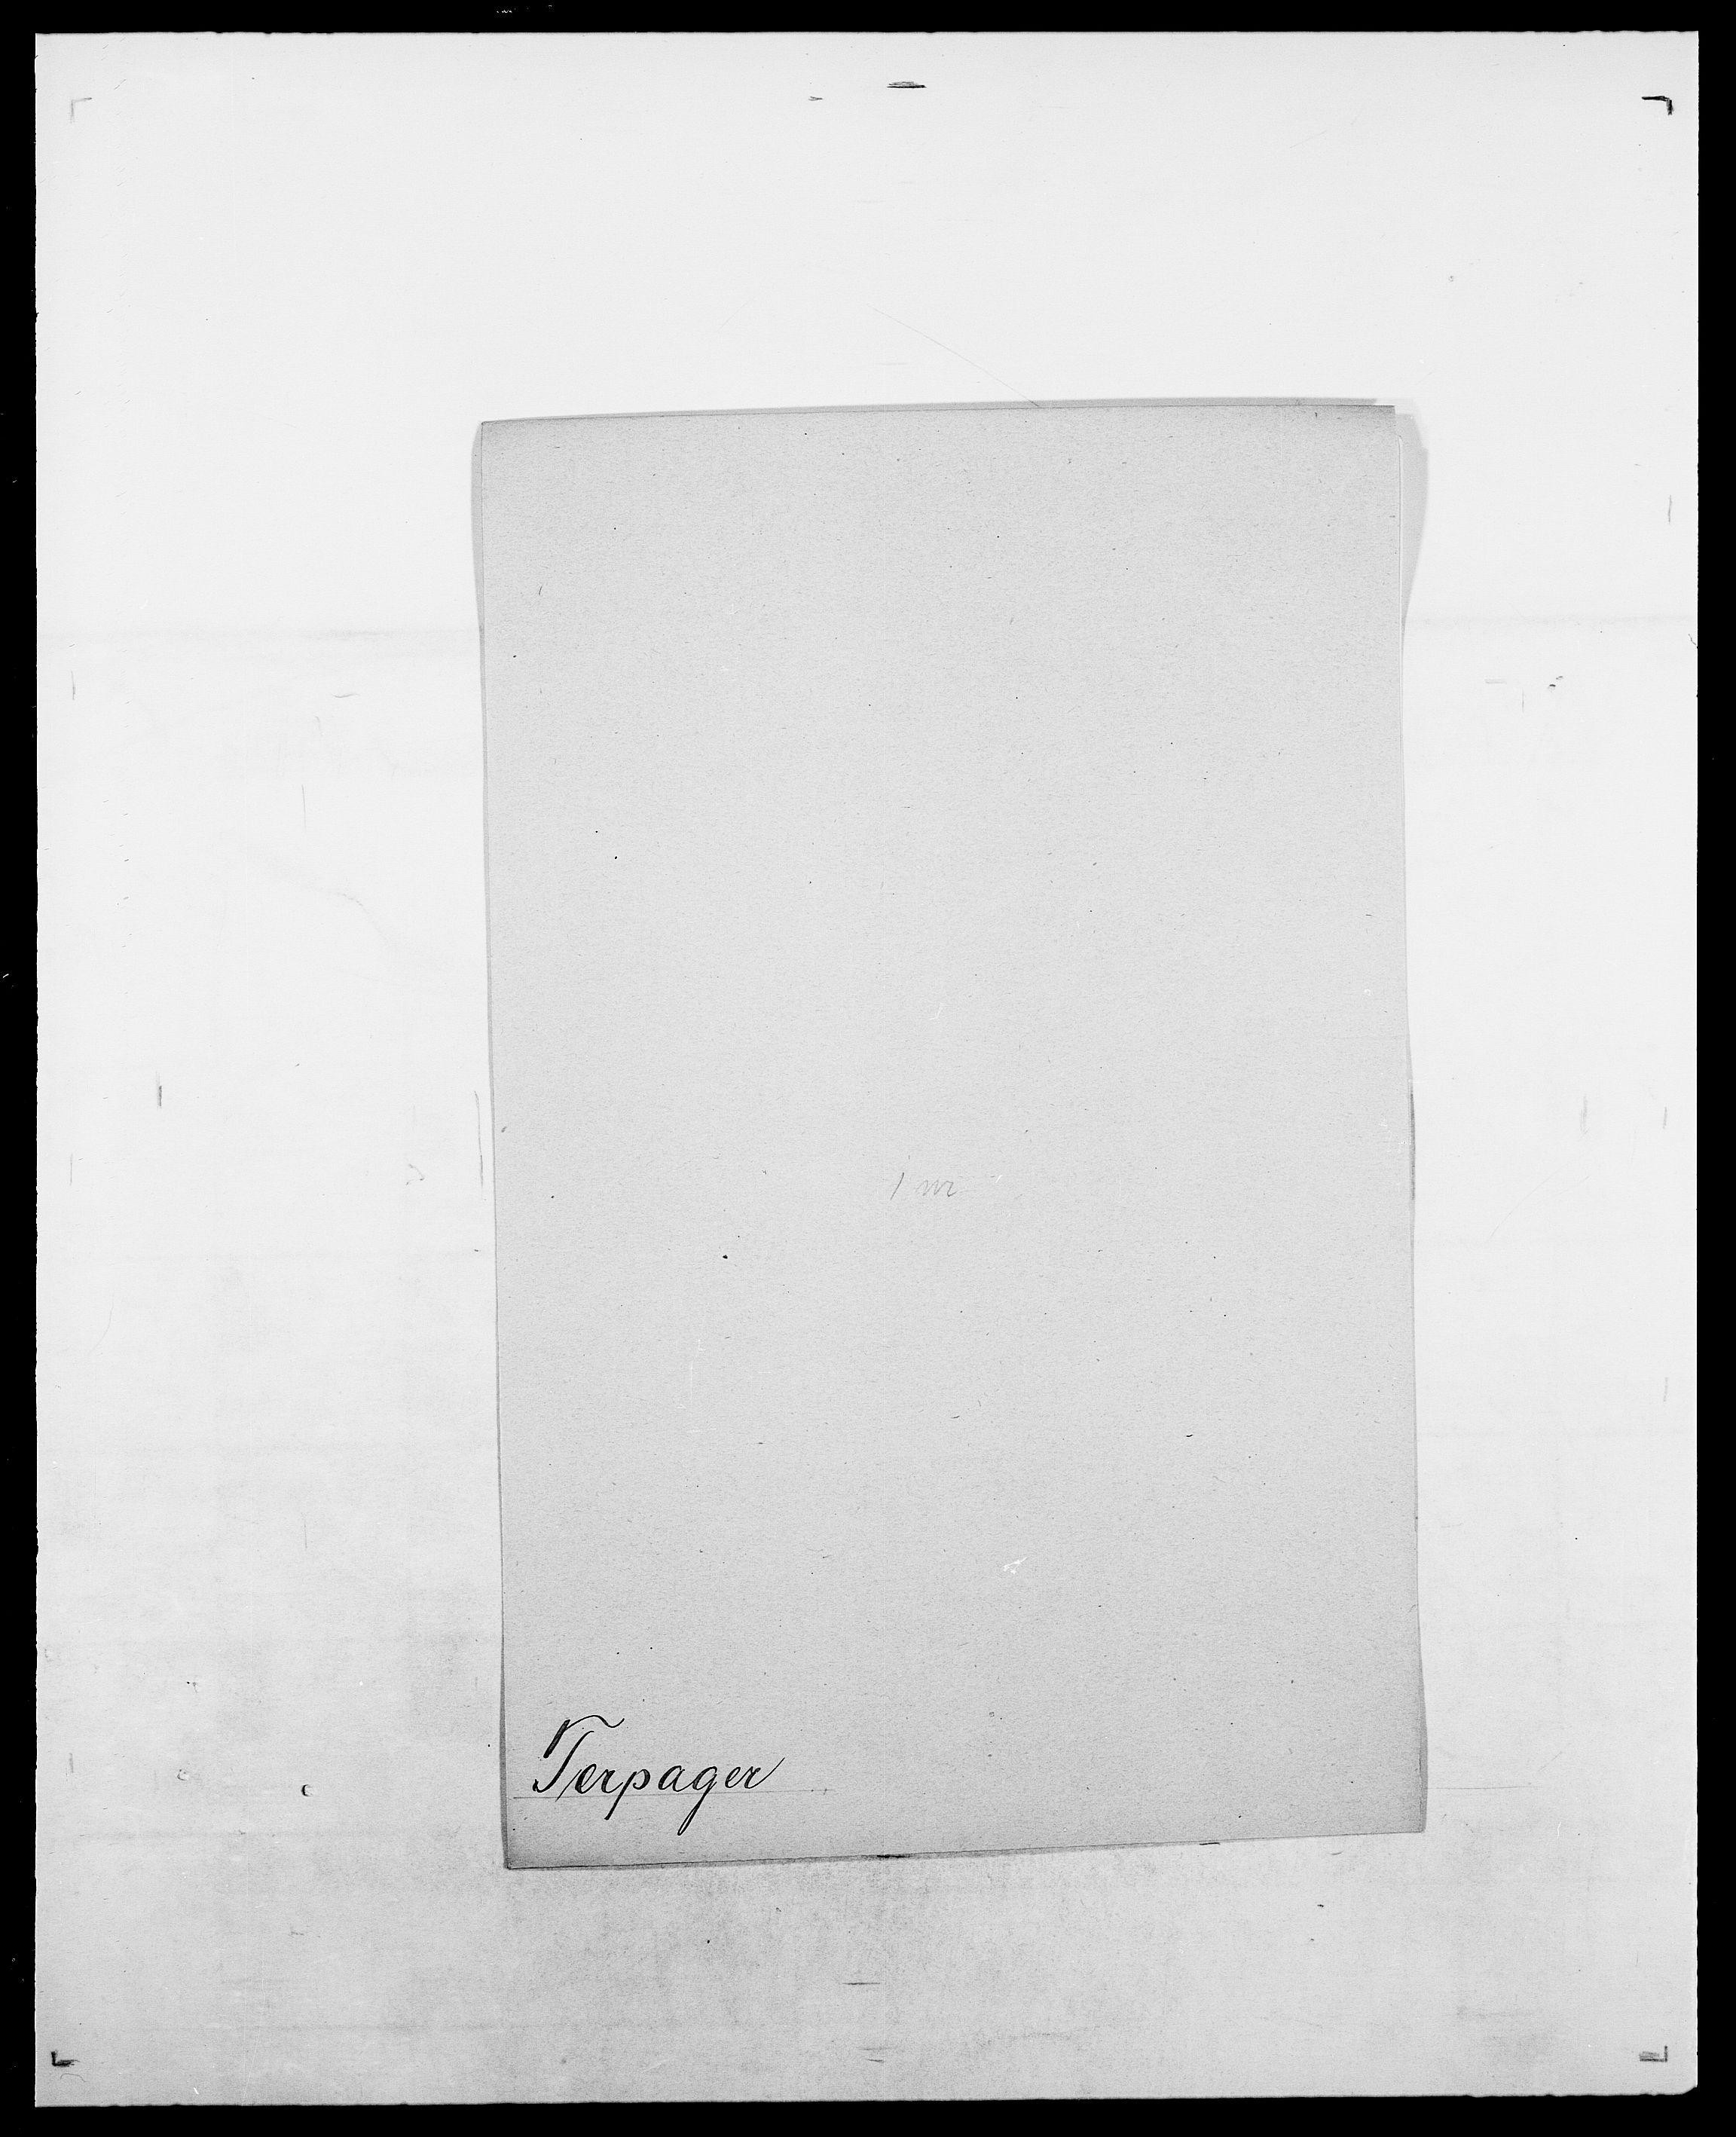 SAO, Delgobe, Charles Antoine - samling, D/Da/L0038: Svanenskjold - Thornsohn, s. 405